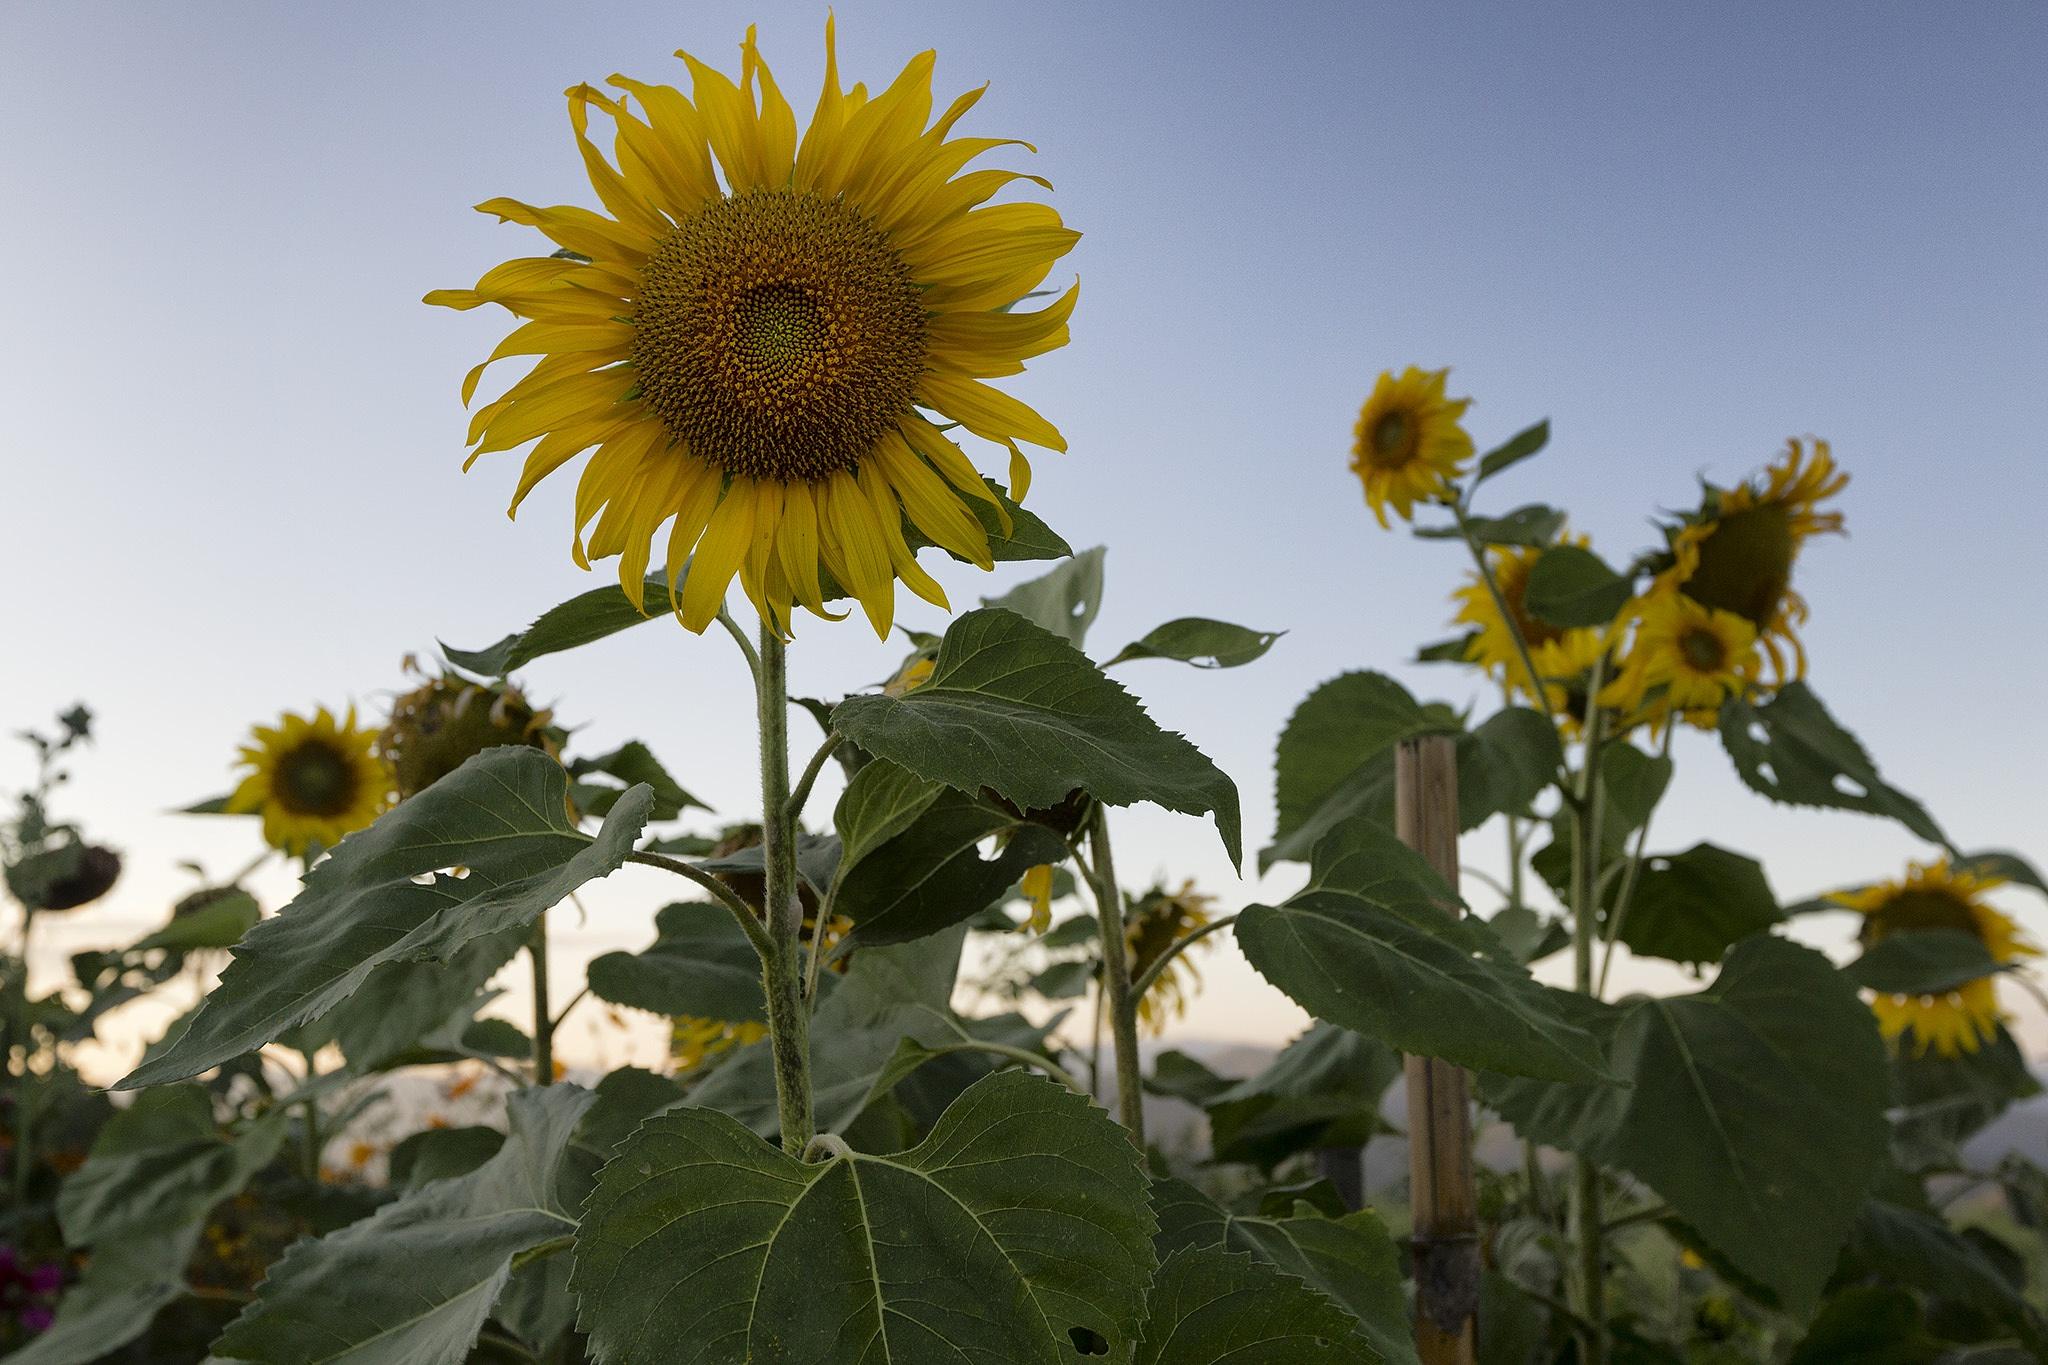 Sunflowers by Faroe Islands Hiking